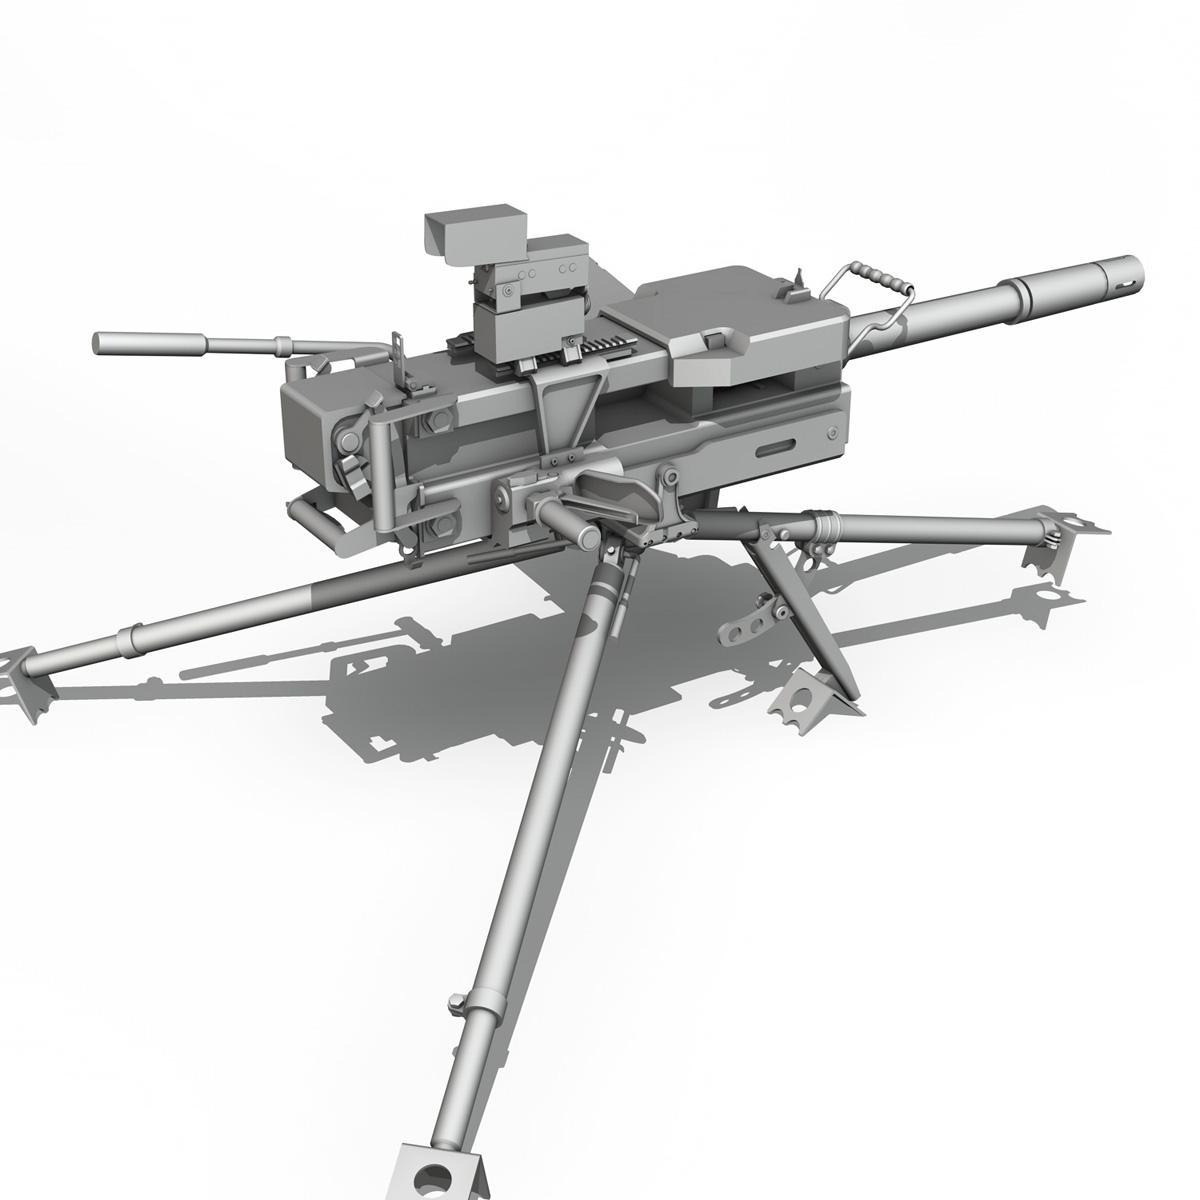 40mm Гранат машин буу gmg 3d загвар c4d lwo 3dm obj 264300